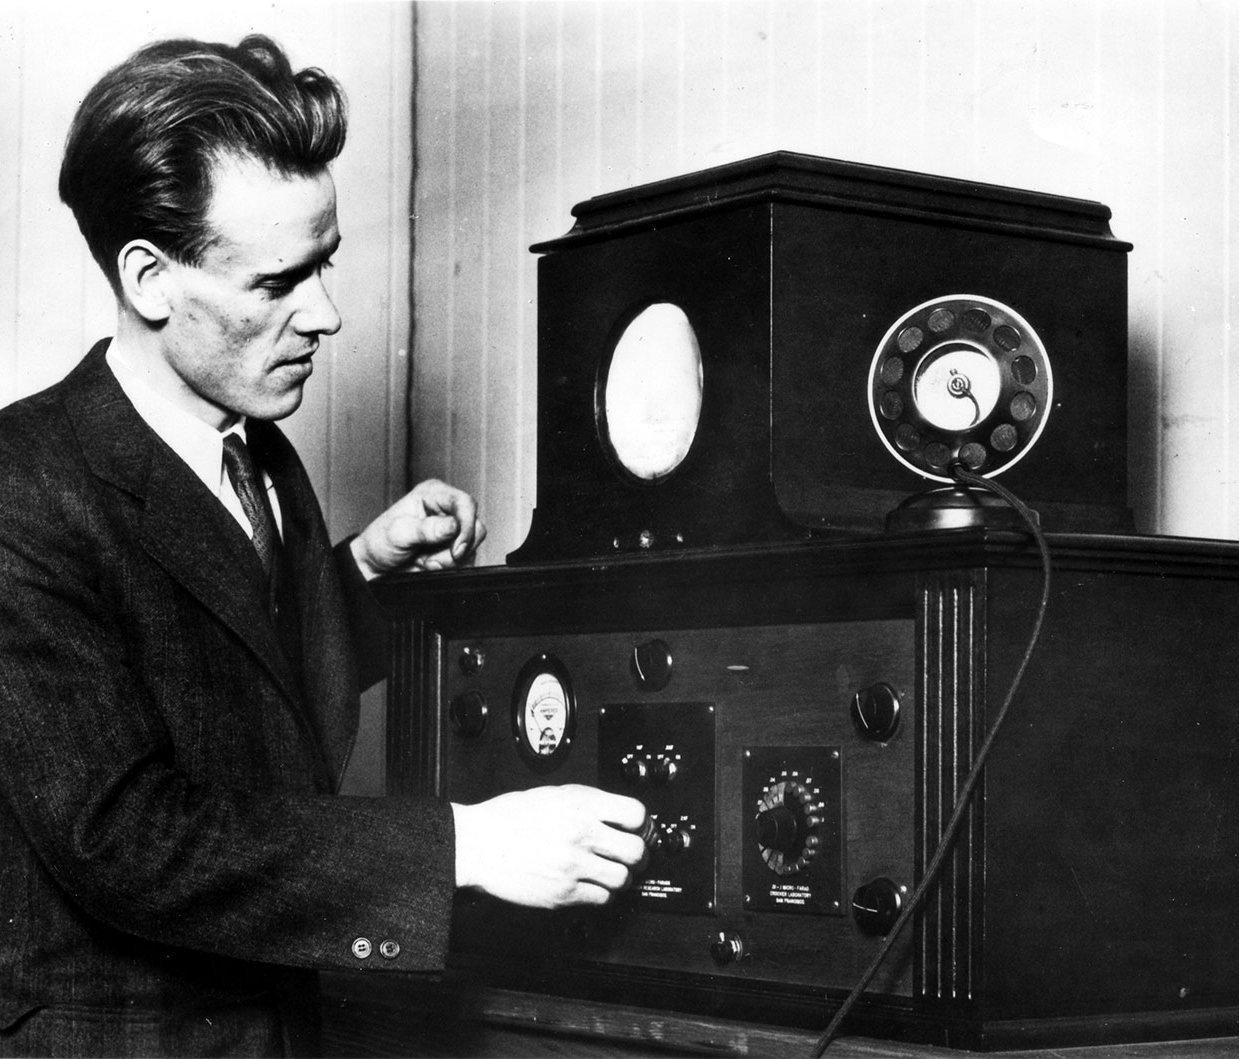 Inventor Philo Farnsworth with his vintage television receiver